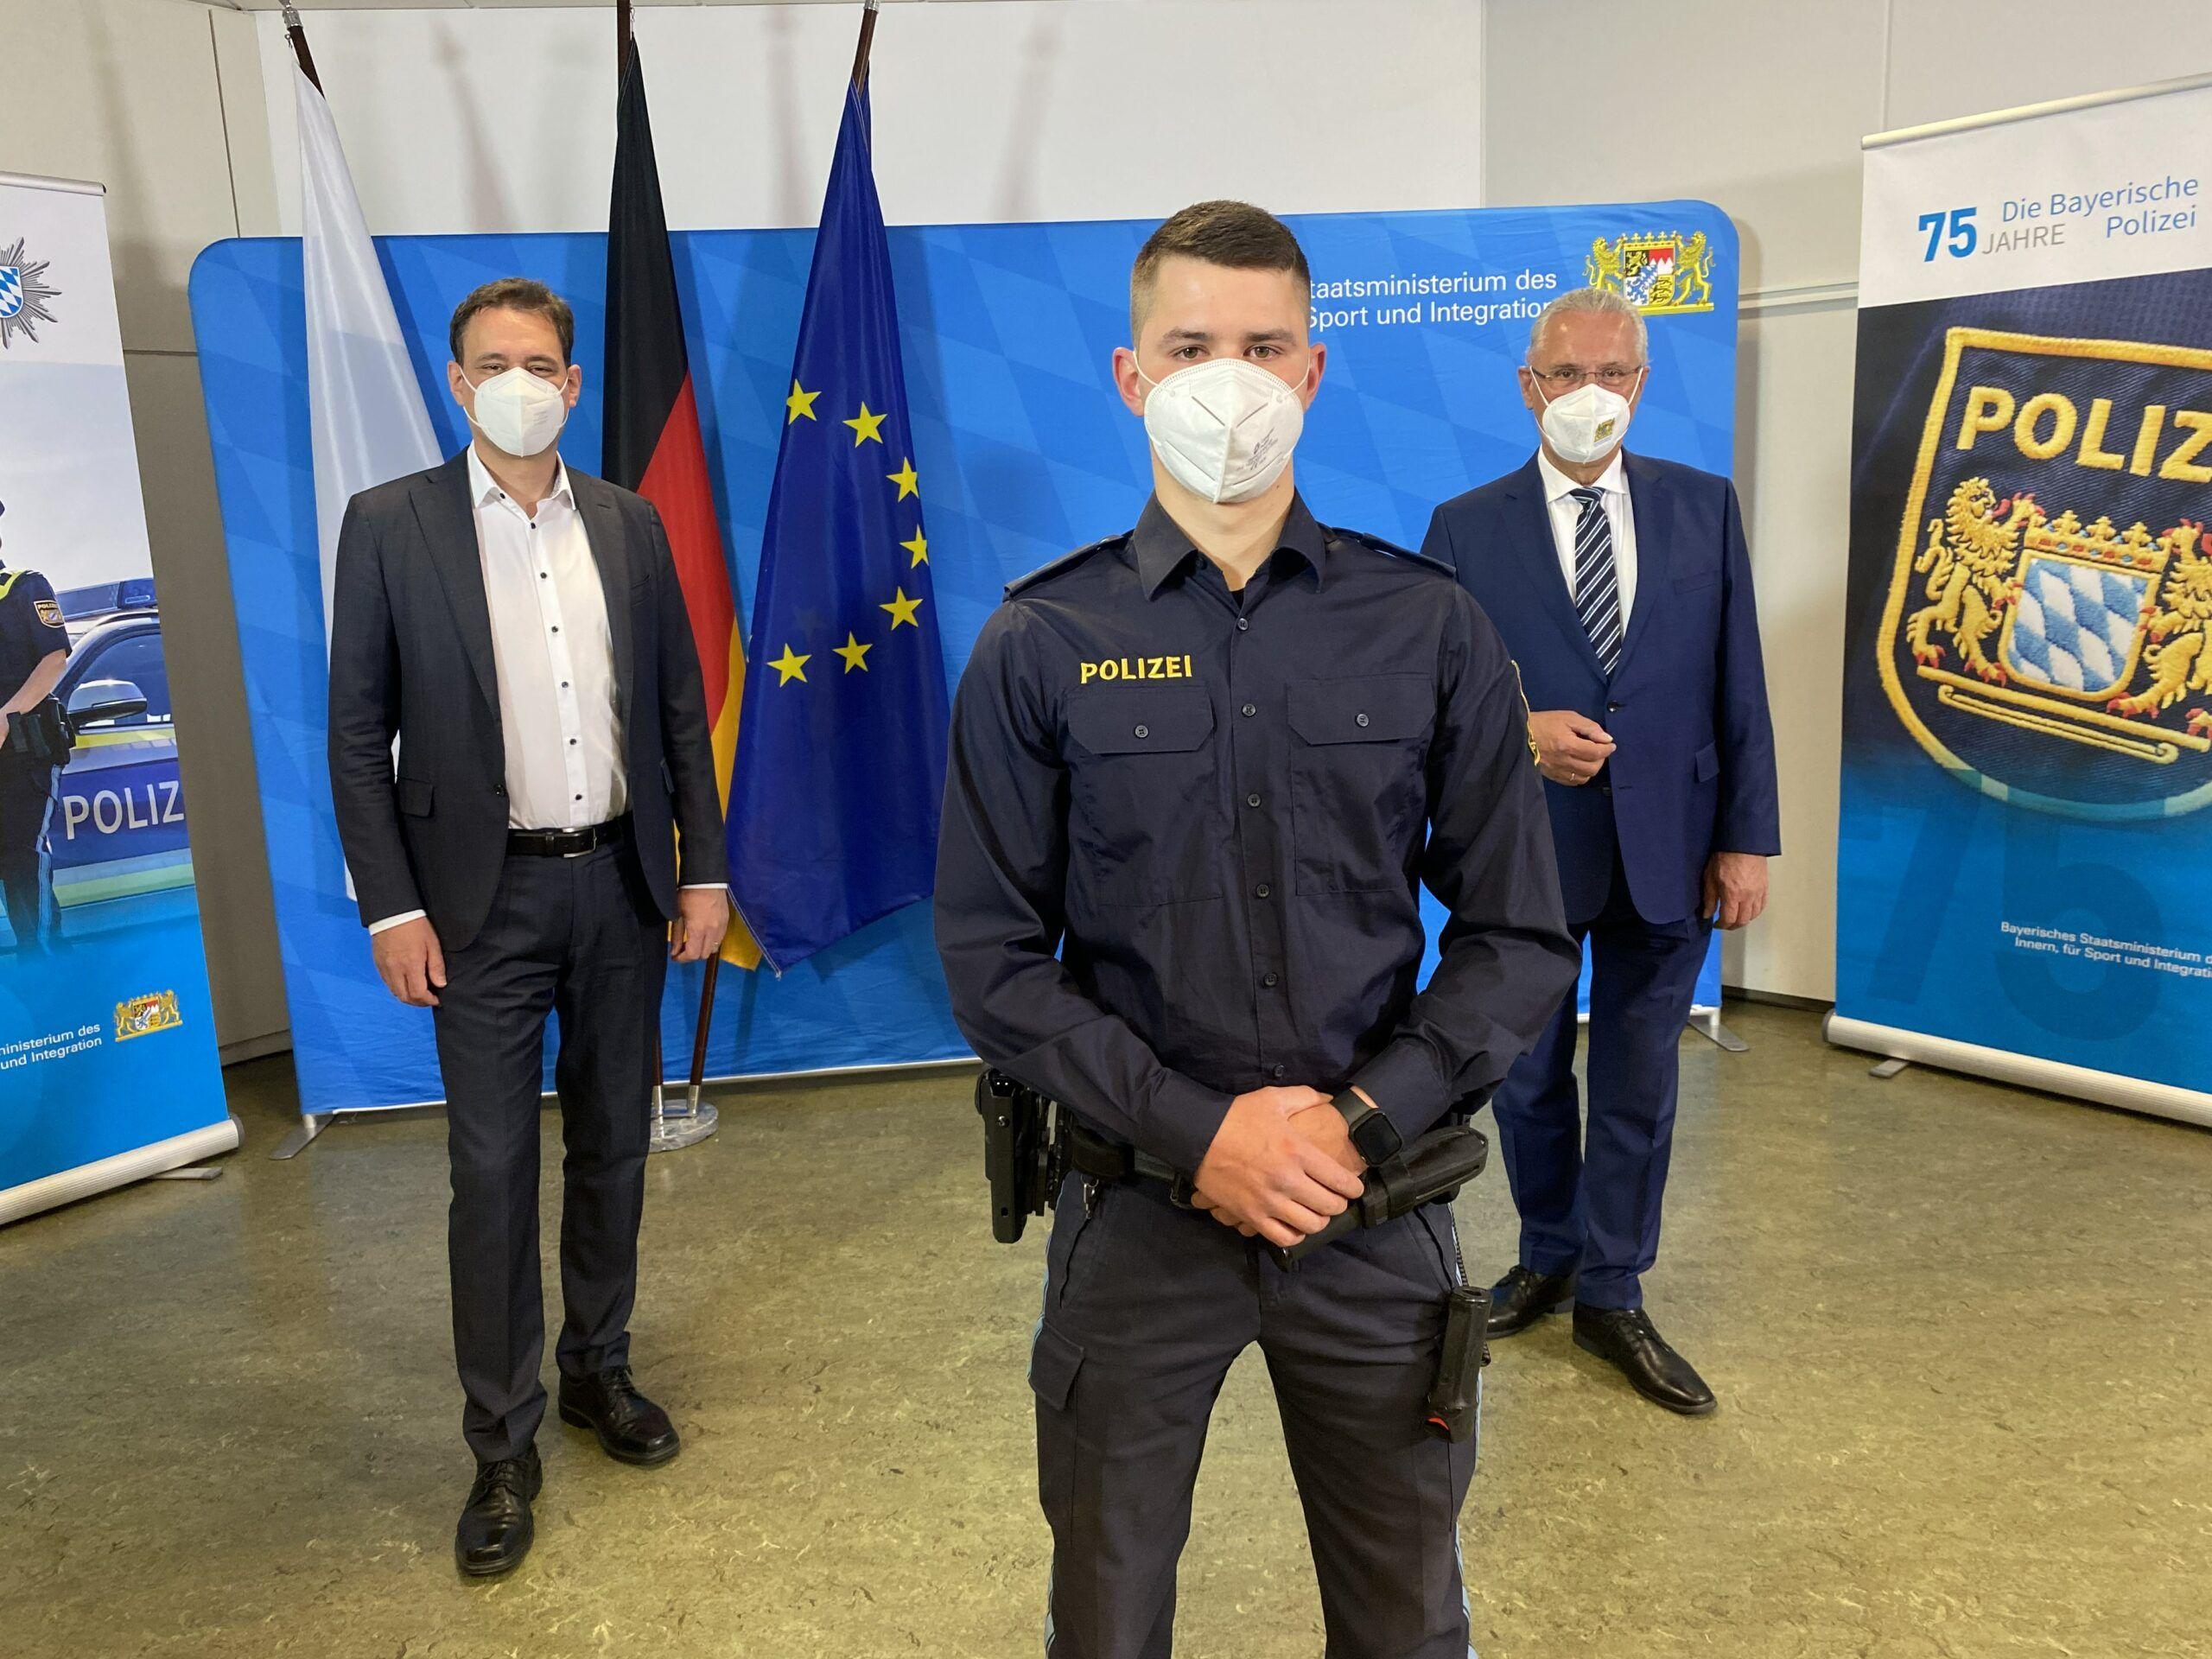 068 Lagebild Gewalt Gegen Polizeibeamte Stm Georg Eisenreich Polizeimeister Marc Hoffmann Stm Joachim Herrmann V.li1 Scaled